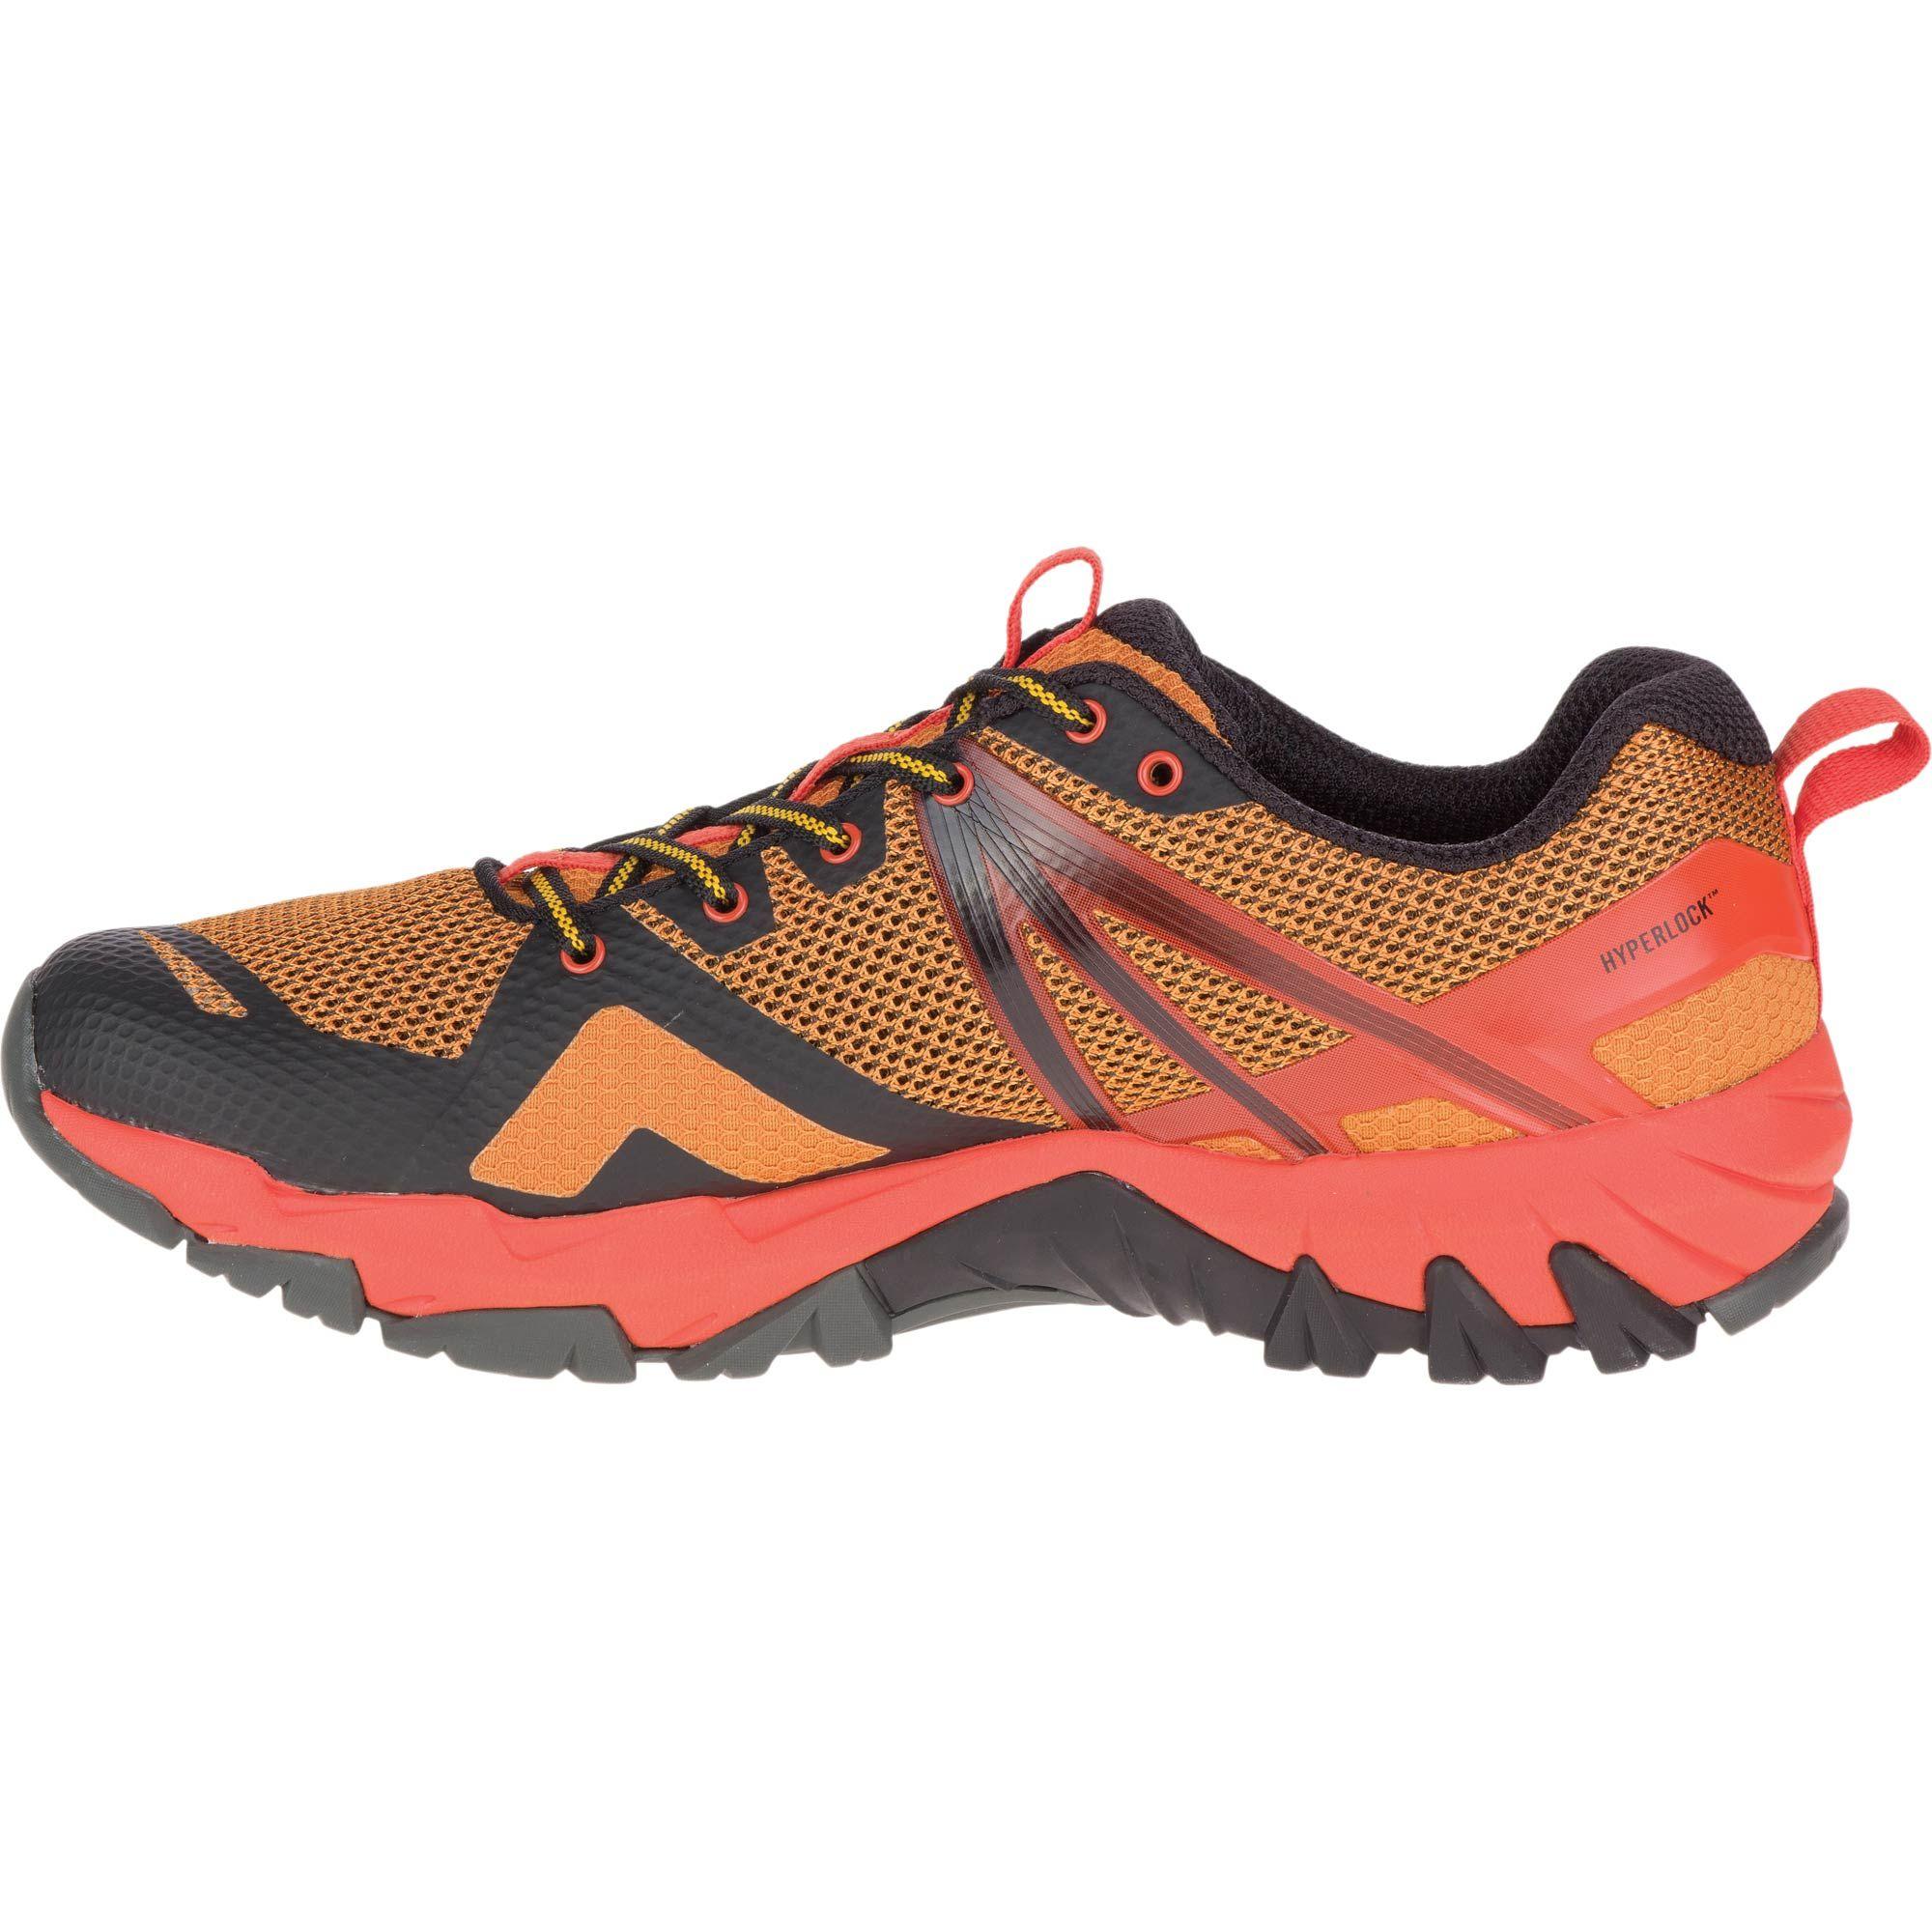 0e78f8005c Merrell Men's MQM Flex Trail Running Shoes | Outdoor Adventure Gear ...